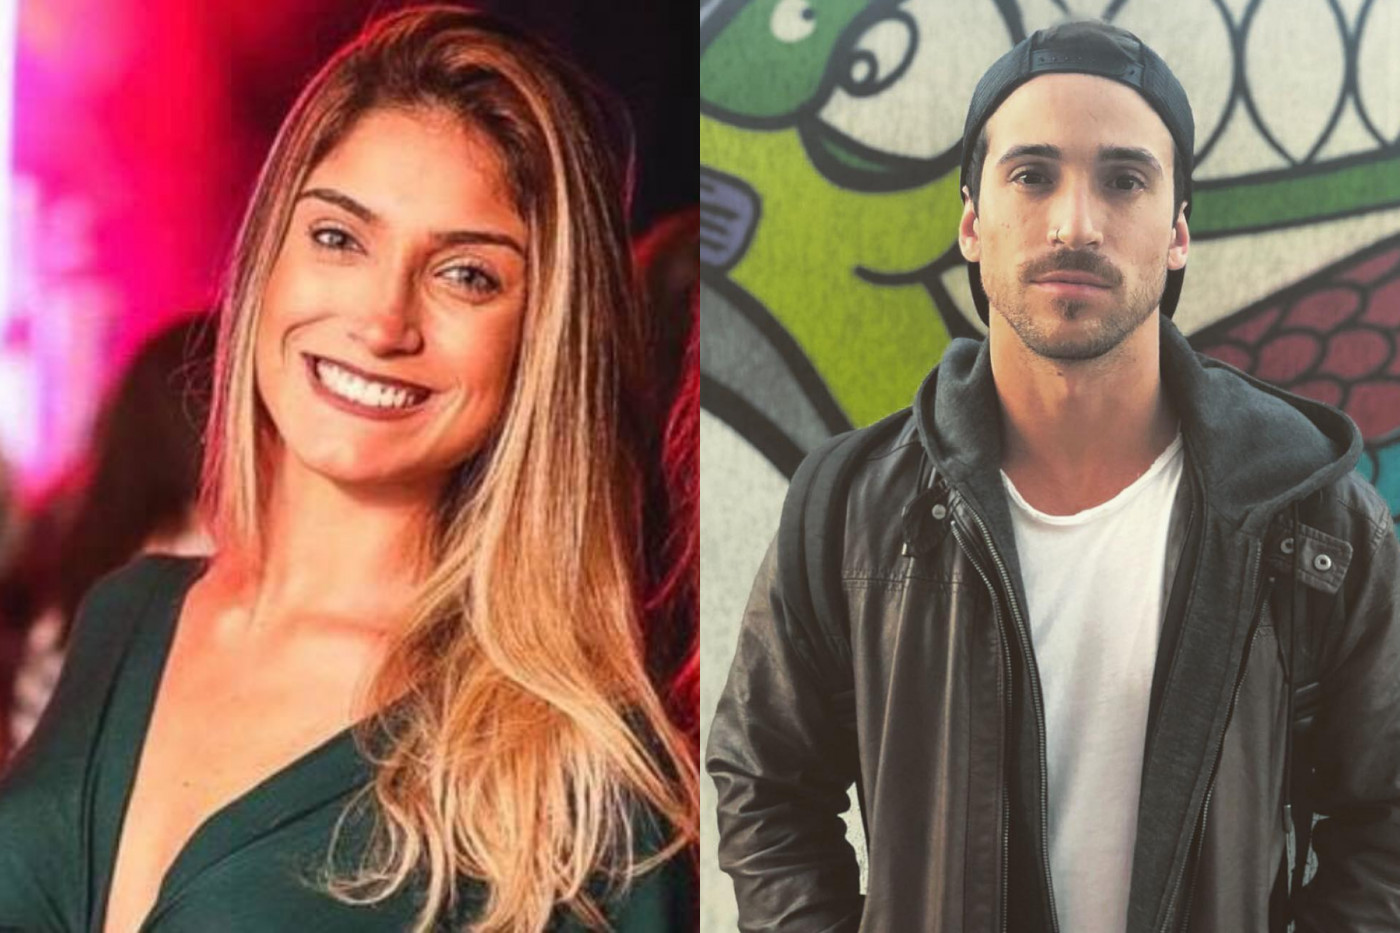 Fotos de Matheus Correia Viana e de Nathalia Guzzardi Marques, encontrados no mortos no apartamento no Leblon